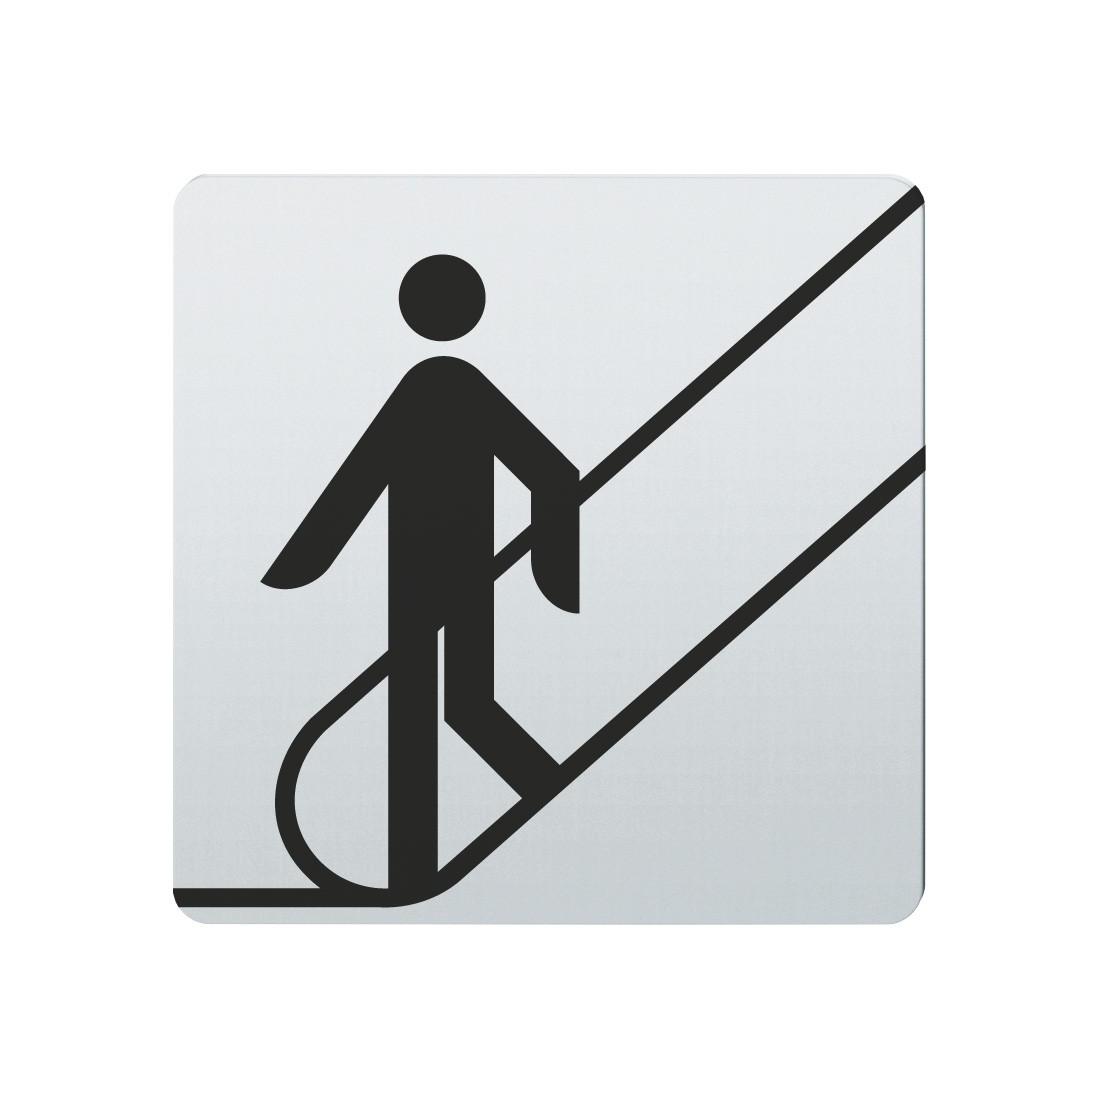 FSB Hinweiszeichen Rolltreppe nach unten Lasergraviert Edelstahl fein matt (0 36 4059 00015 6204)